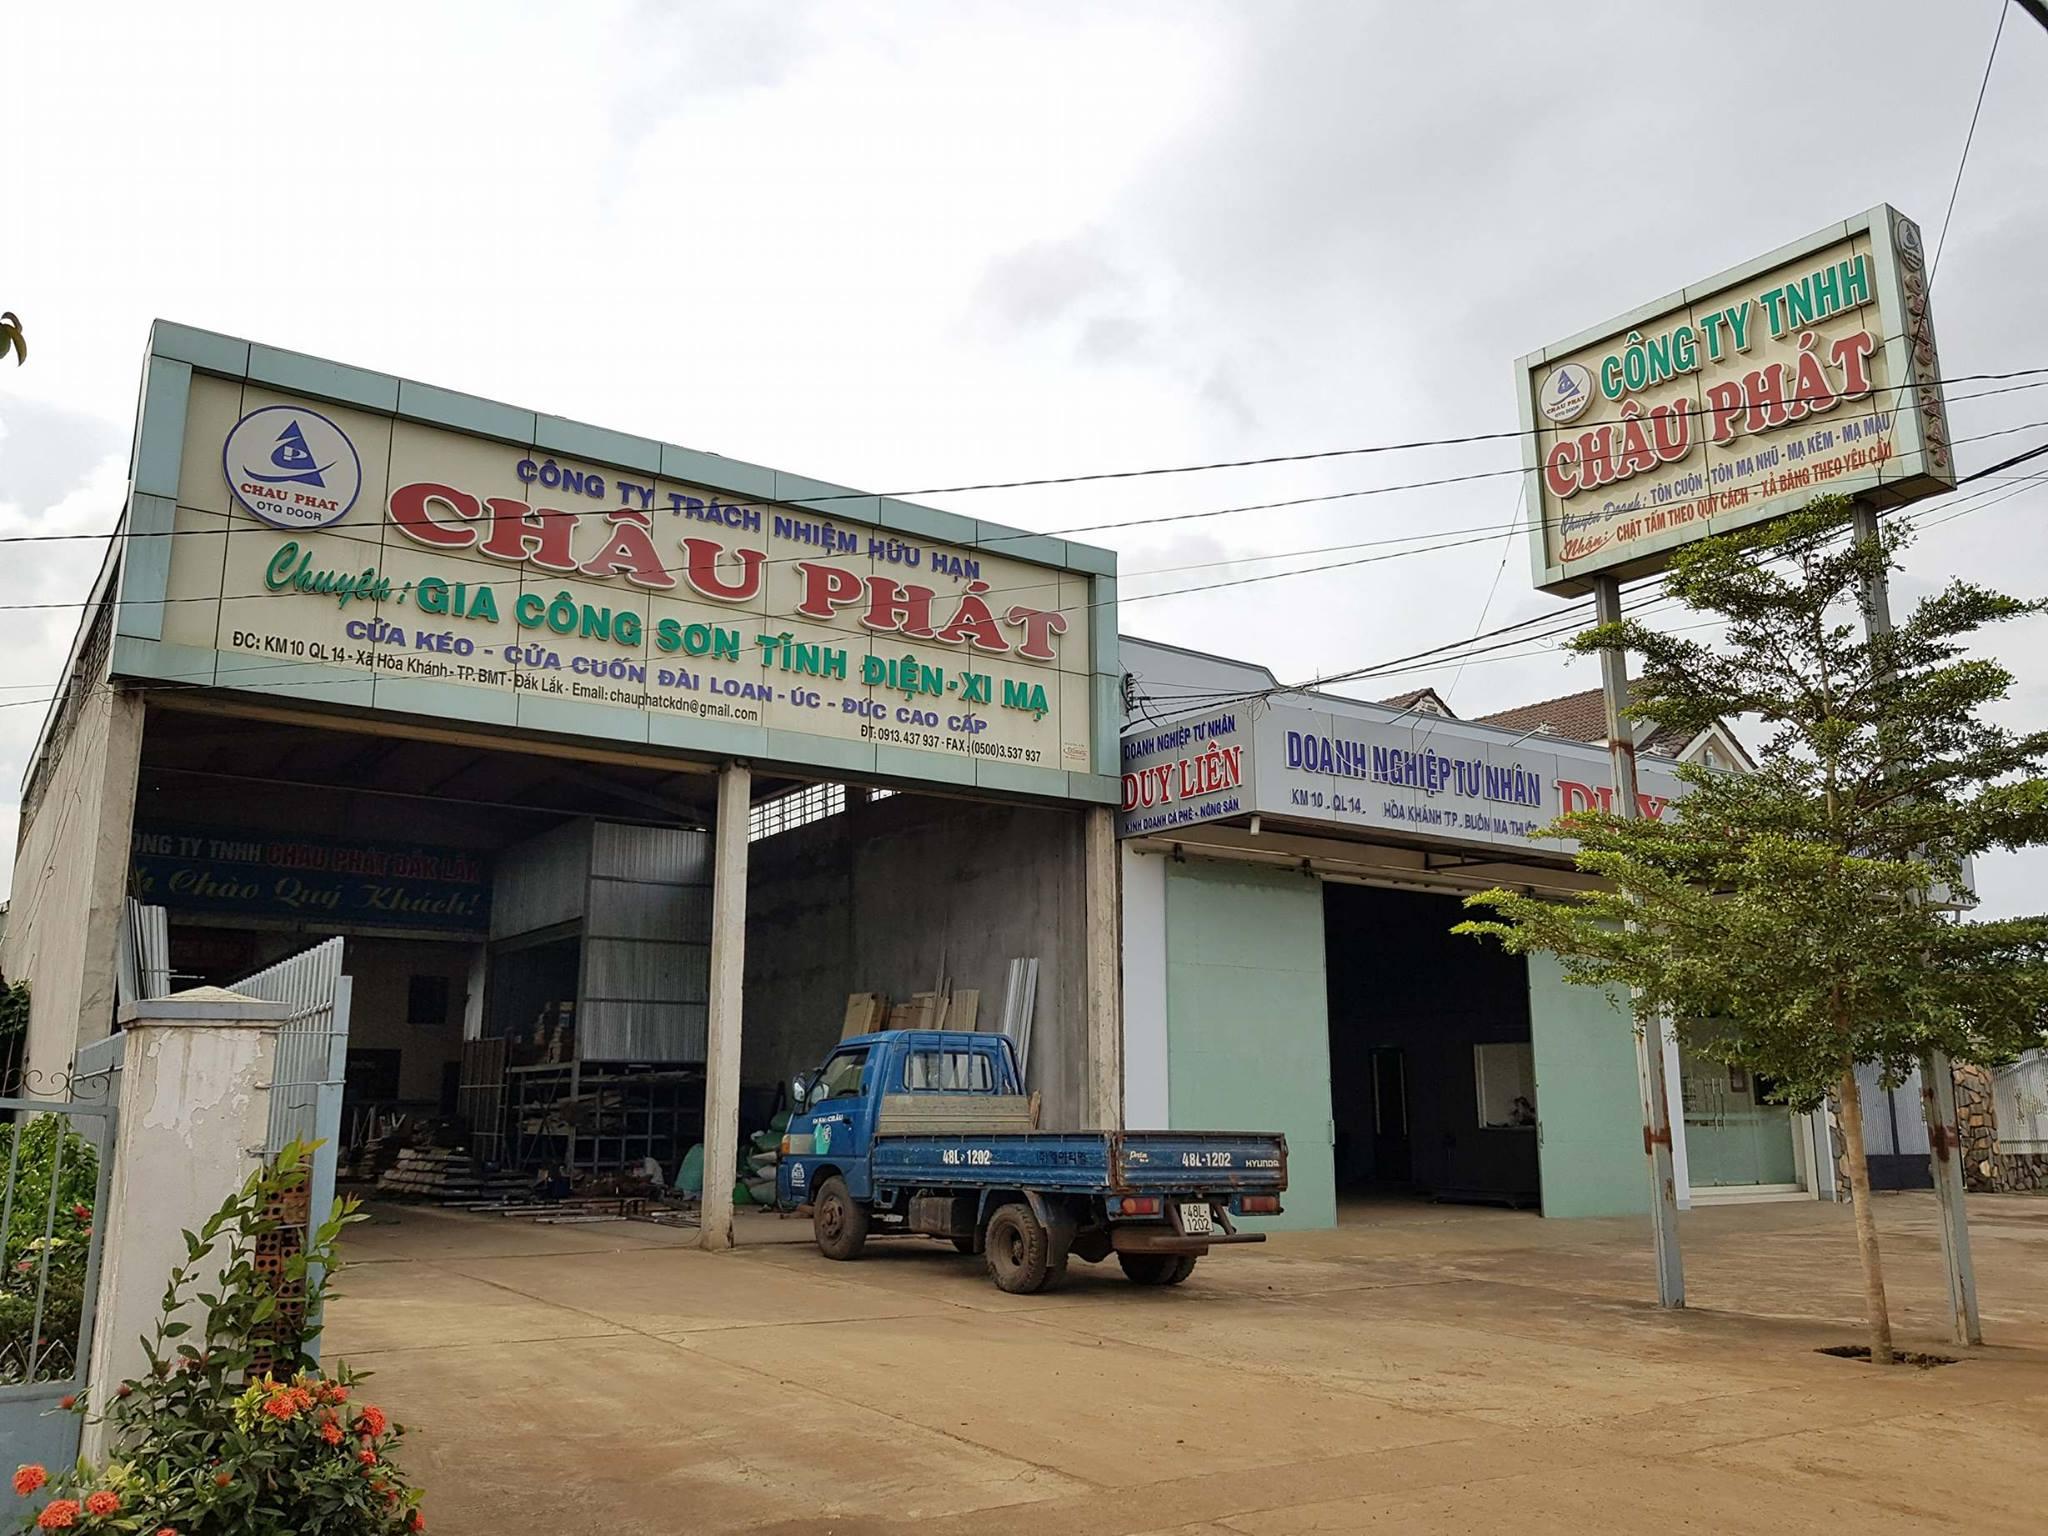 Lắp đặt cửa kéo, cửa cuốn Đài Loan, Đức, Úc; cửa cuốn khe thoáng Buôn Mê Thuột – 0395771177